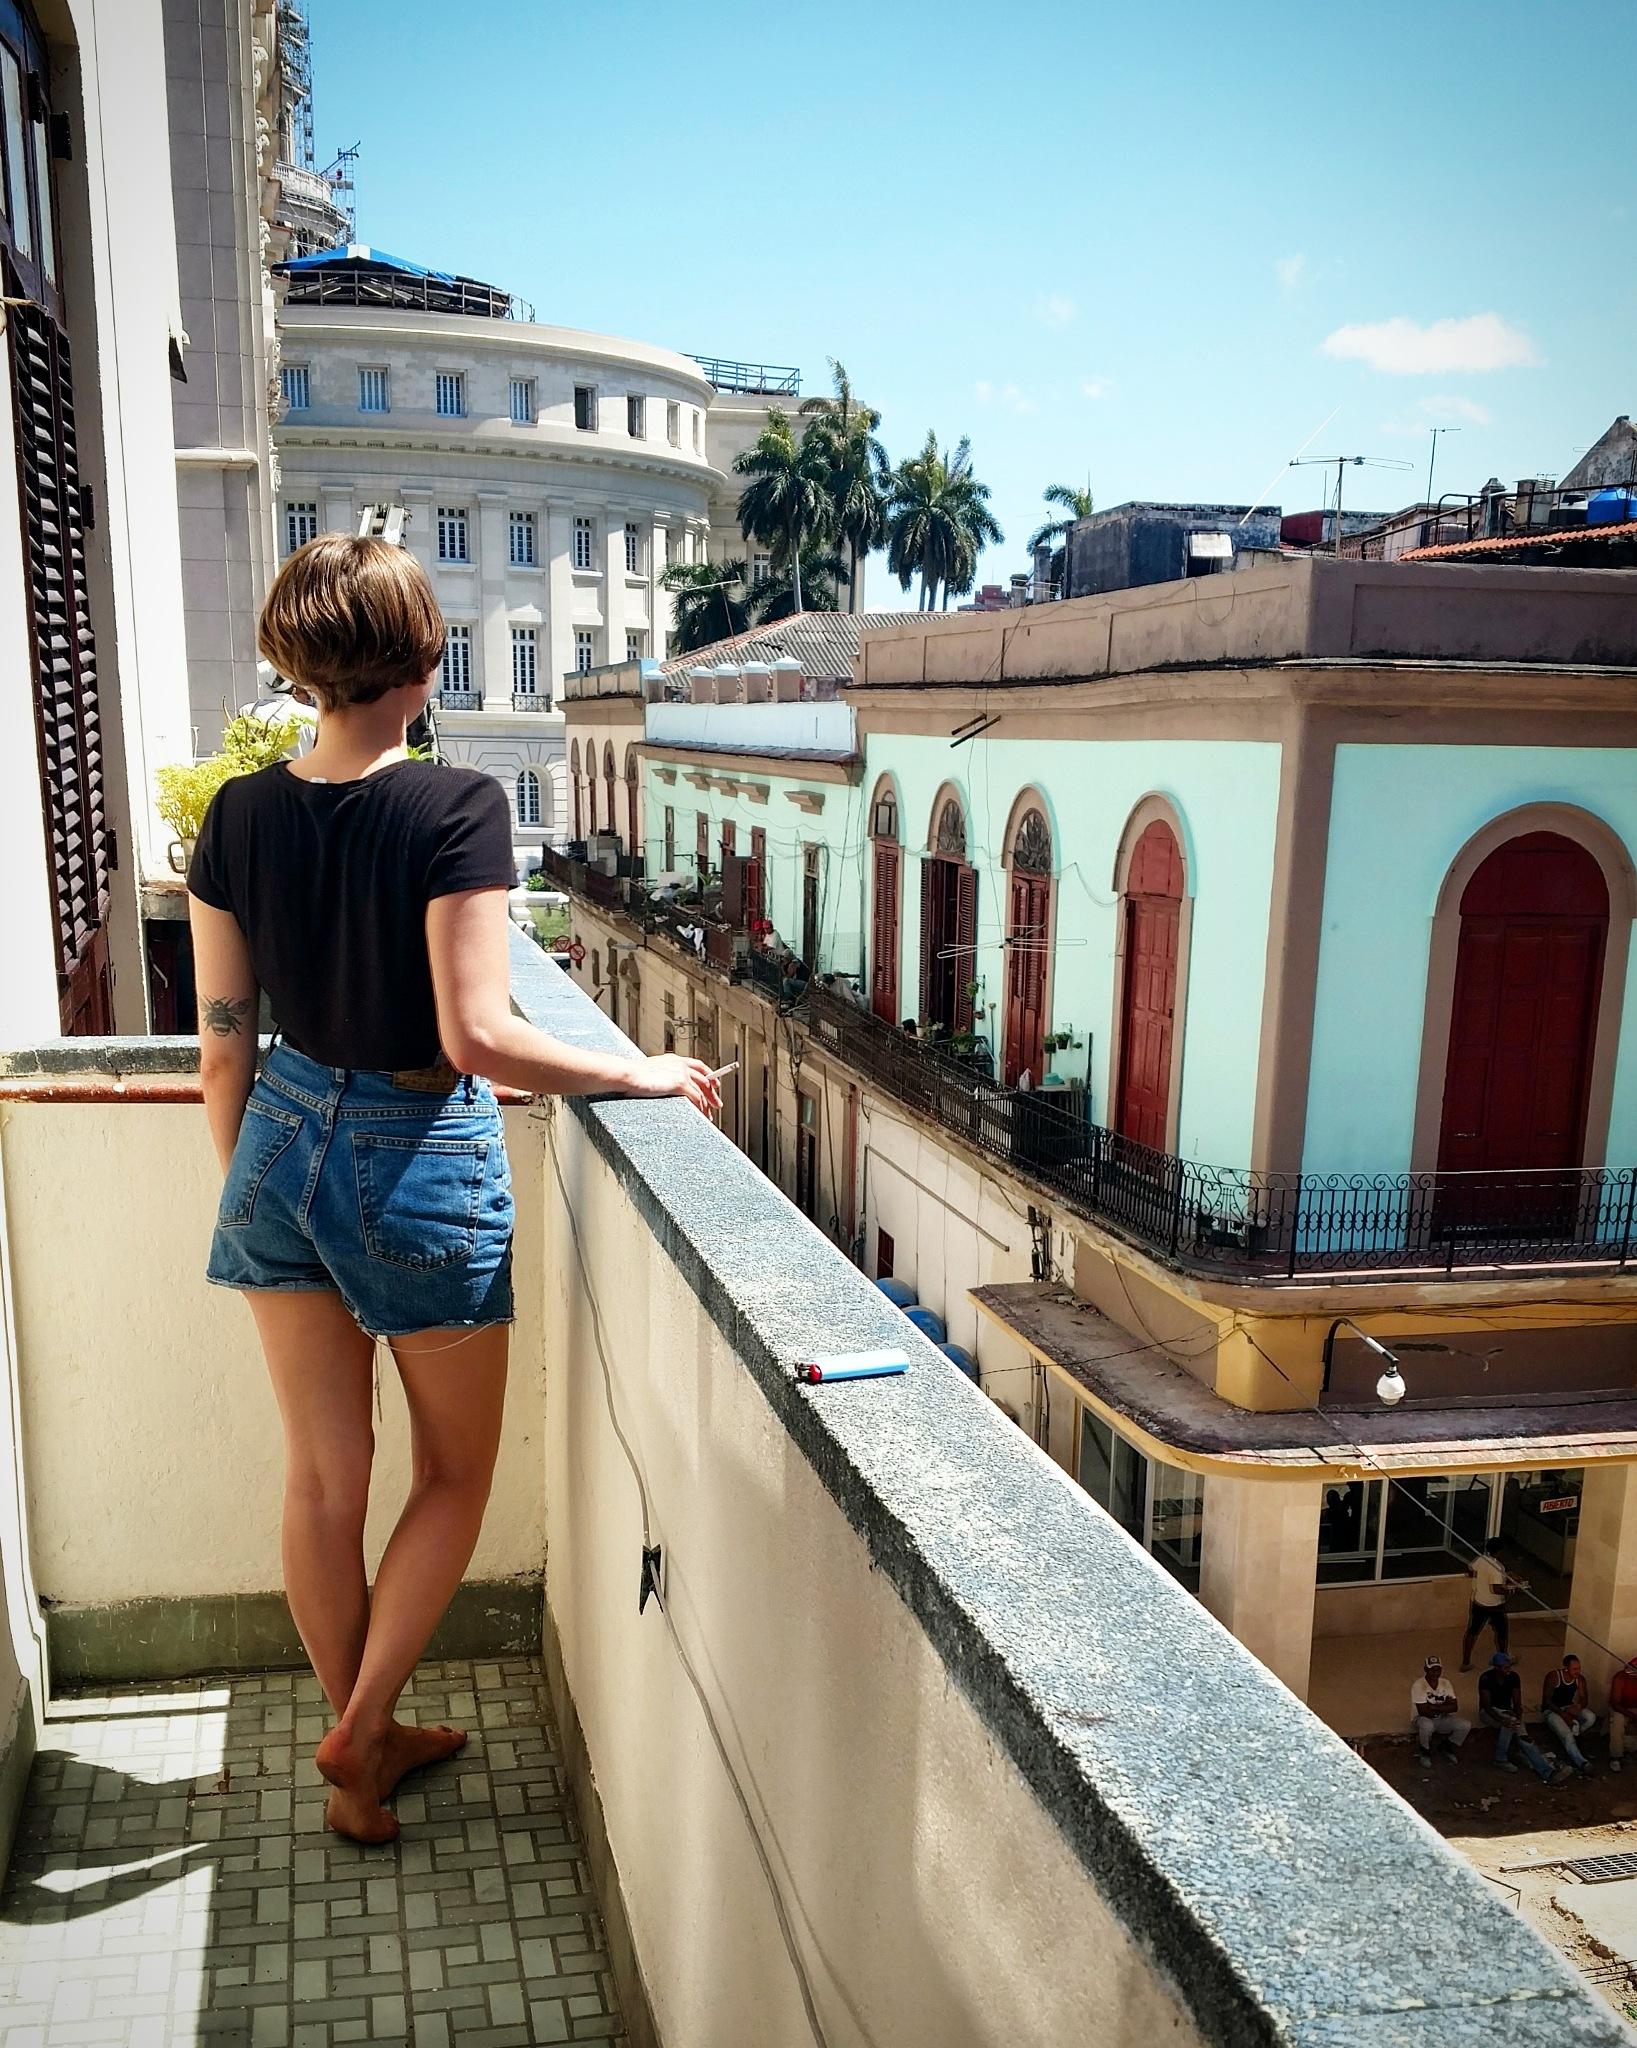 balcony blues by peterphoto